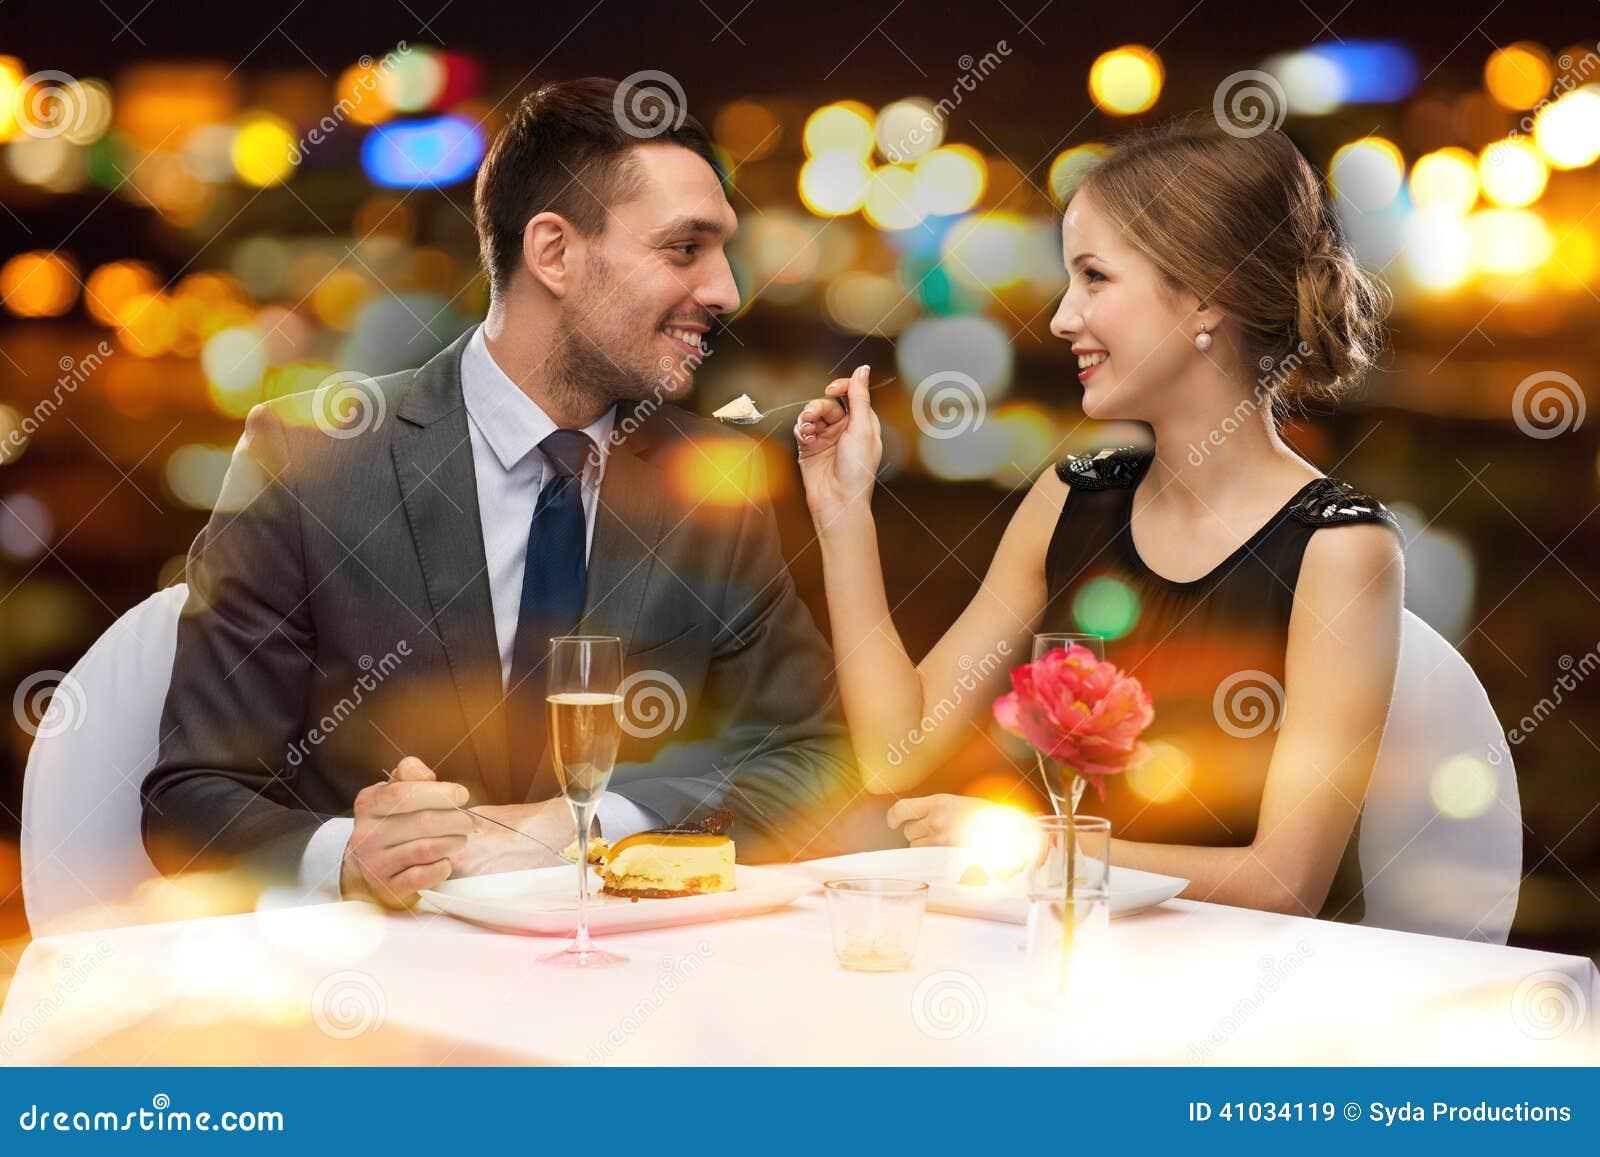 Романтический ужин рассказ 10 фотография